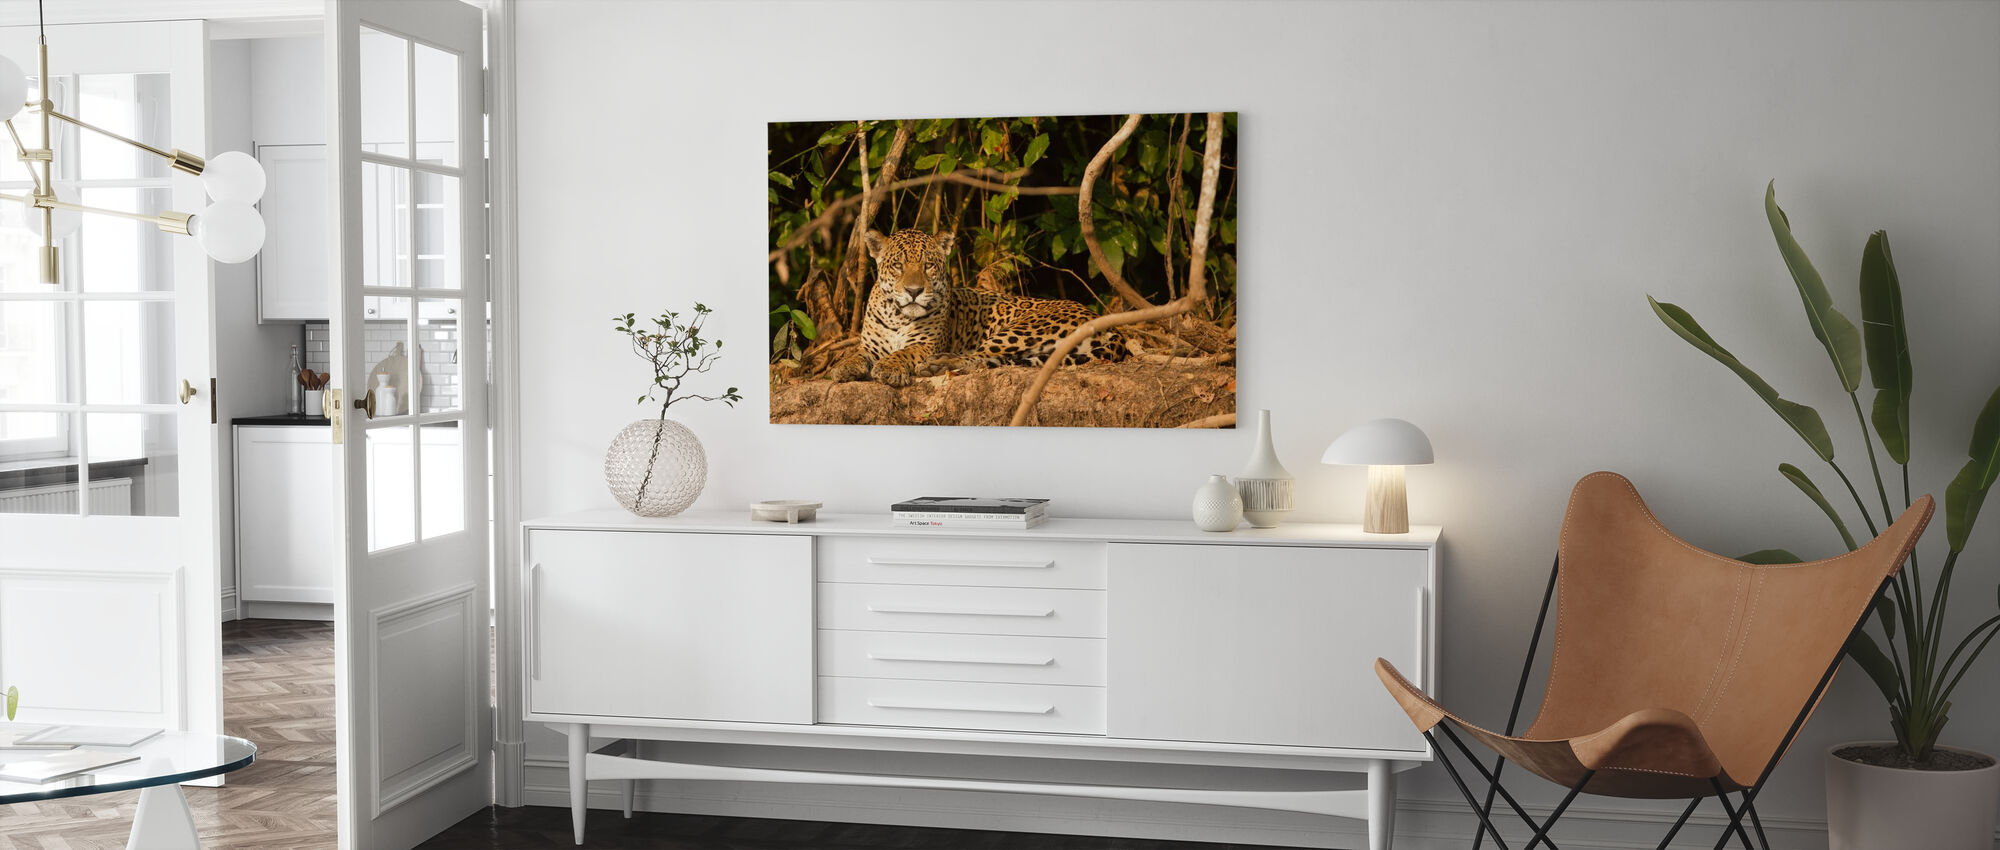 Jaguard Liggend - Canvas print - Woonkamer